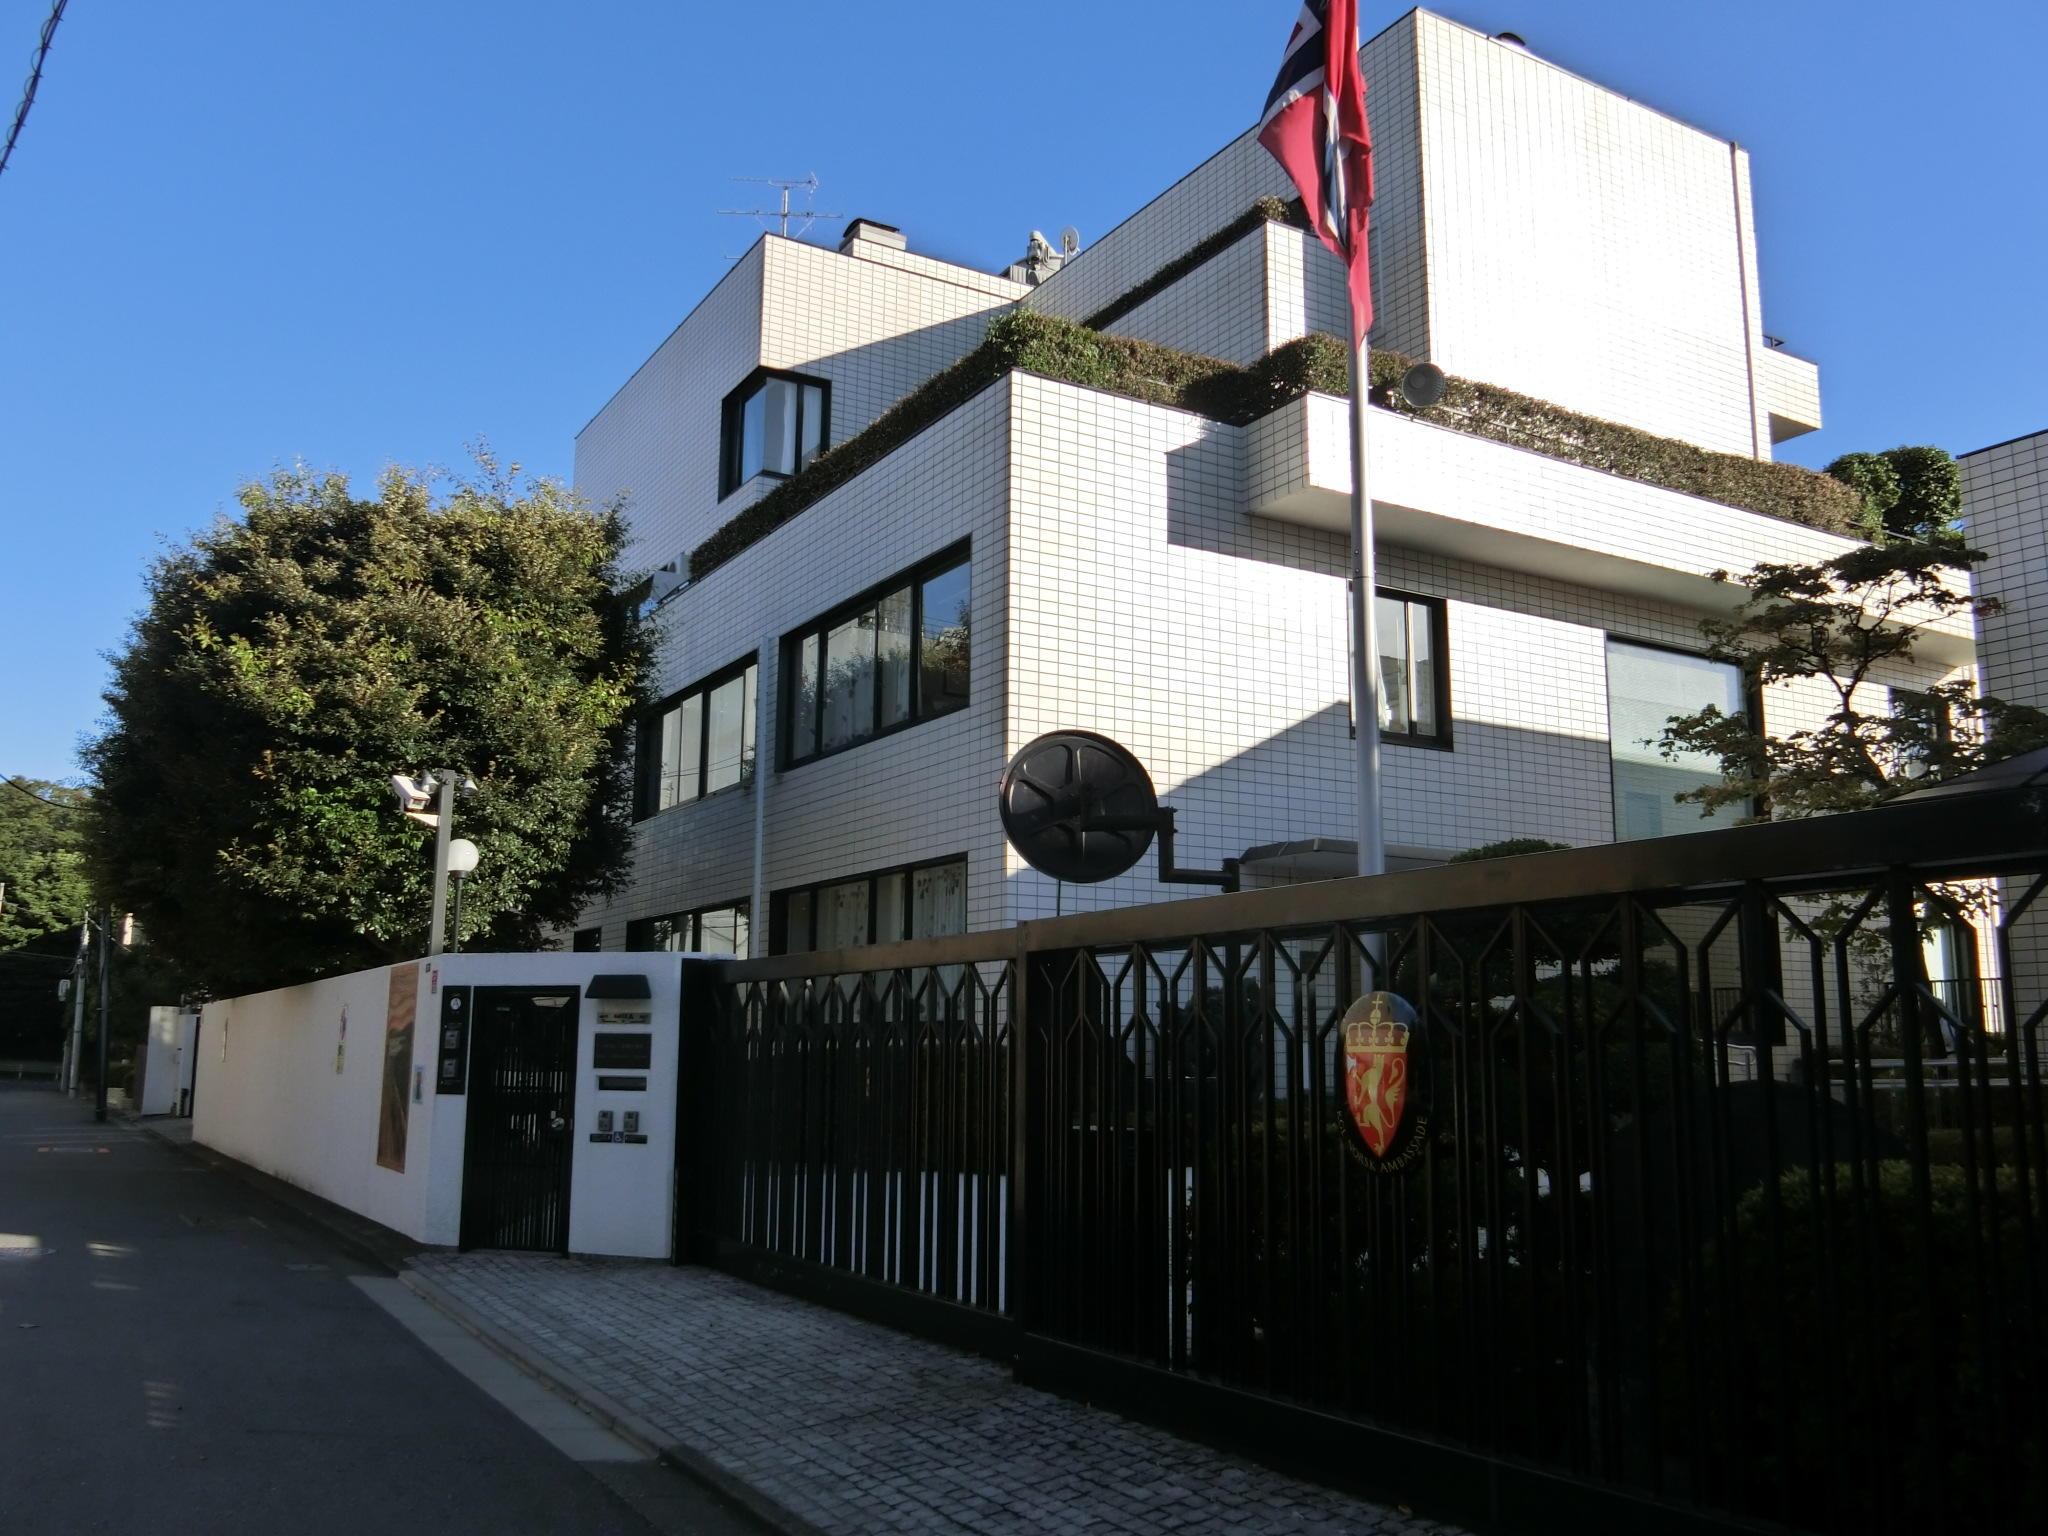 ノルウェー王国大使館で行われた海外旅行説明会に行ってきました ...